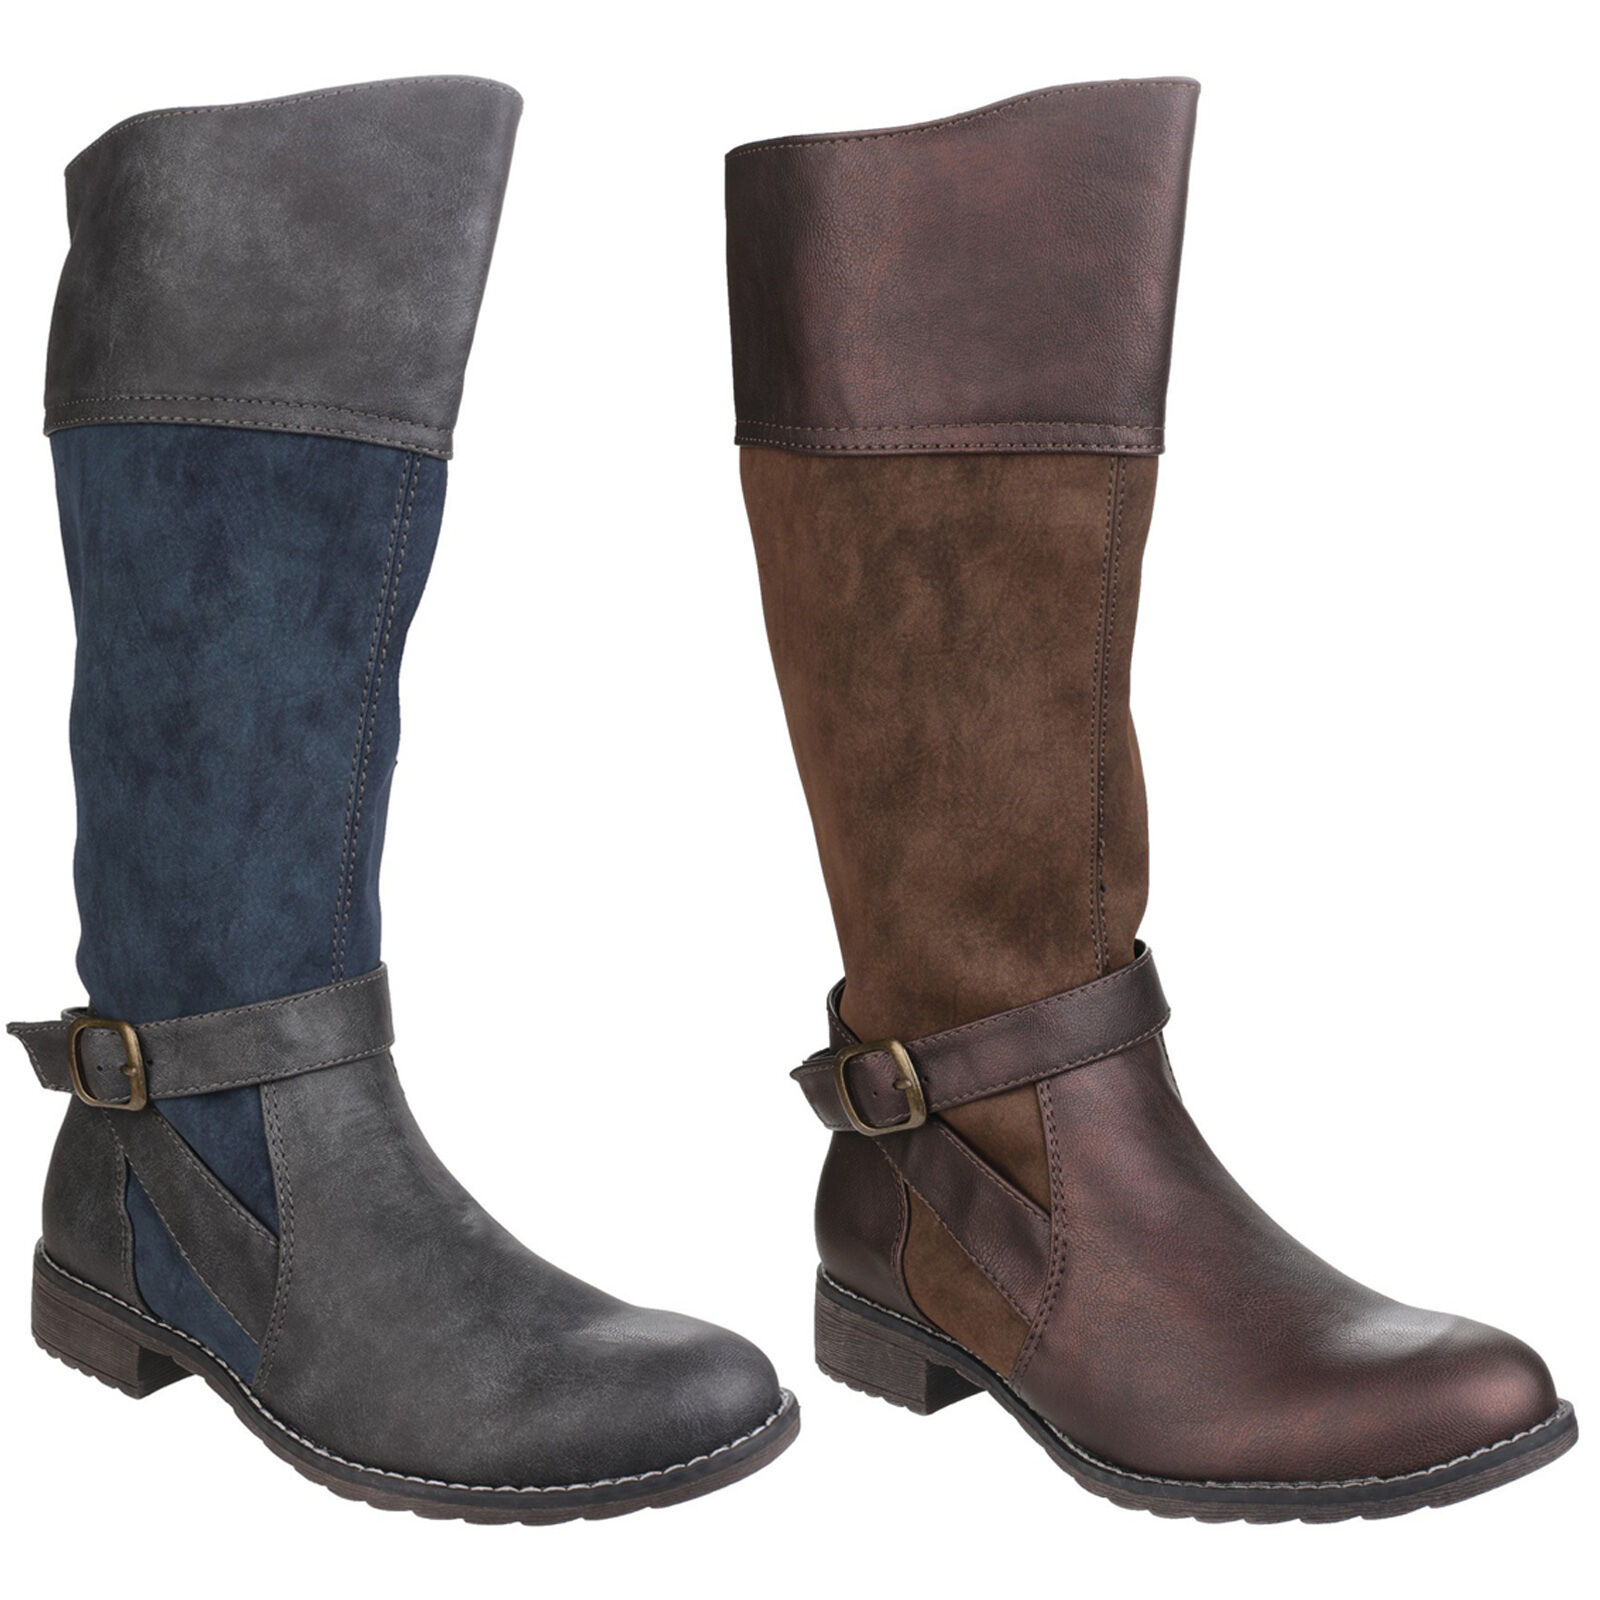 Divaz Garbo Rodilla Rodilla Rodilla Alto Cremallera Zapatos botas de Moda para Mujer de dos tonos UK3-8  contador genuino